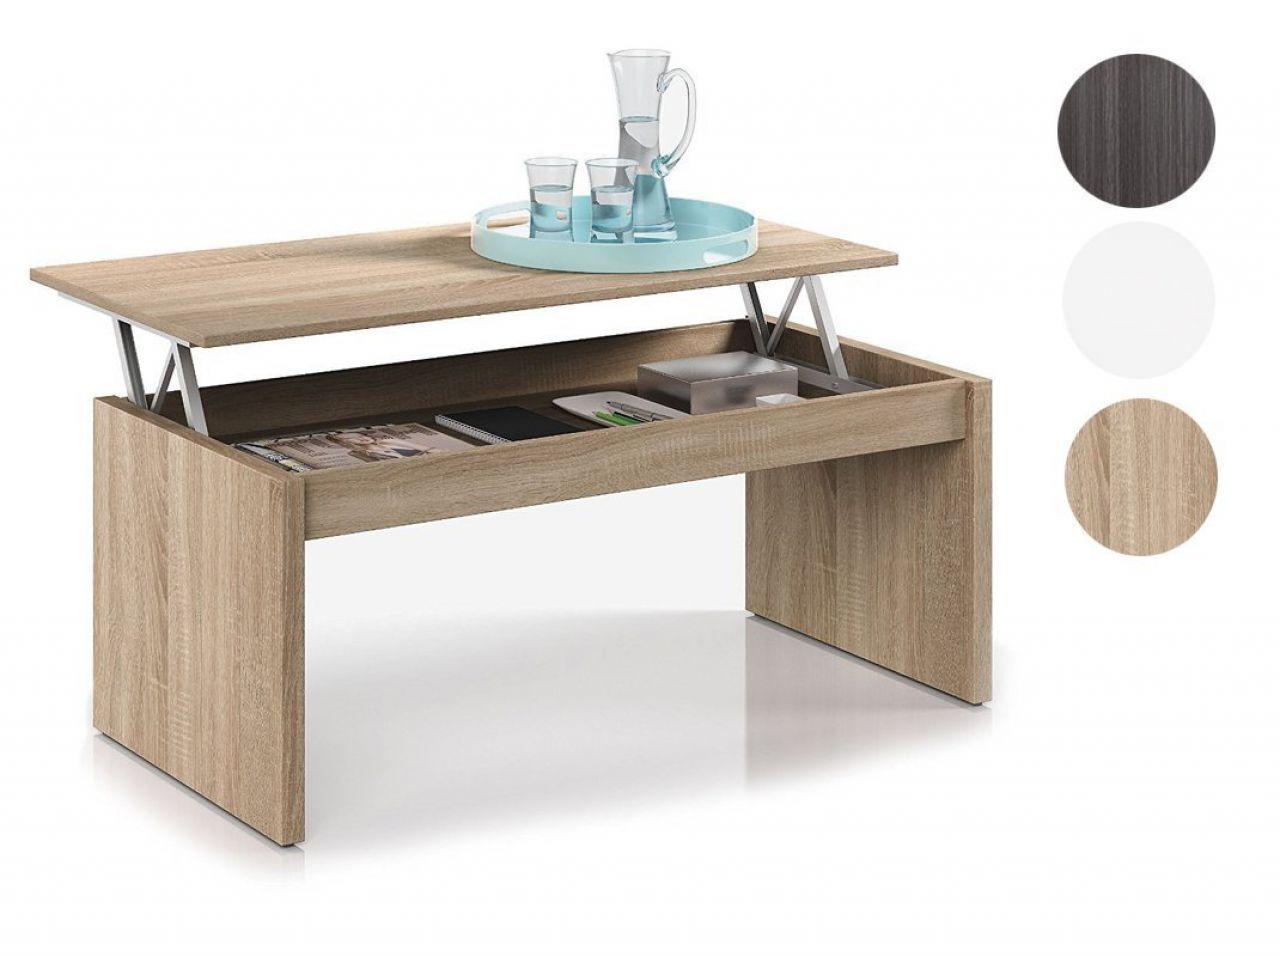 Trouvez La Table De Salon Parfaite Pour Votre Interieur Le Parisien